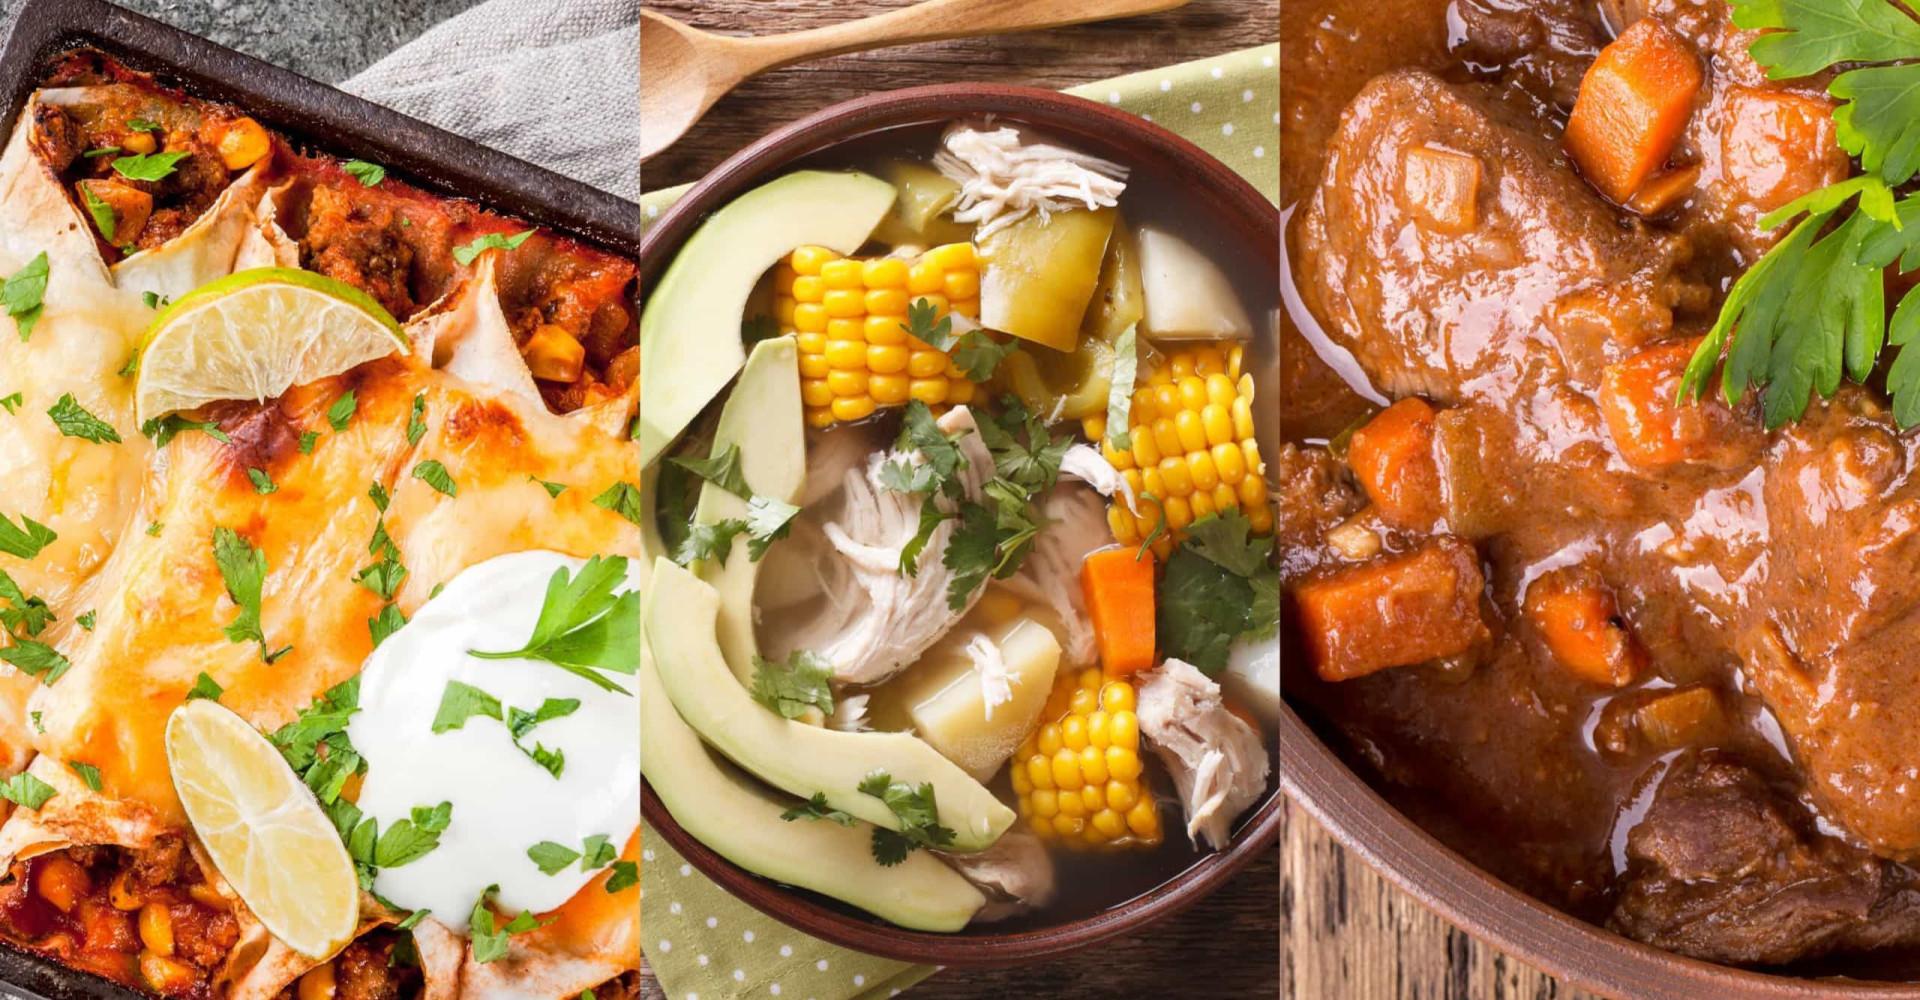 Platos latinoamericanos: sabor, cultura y tradición